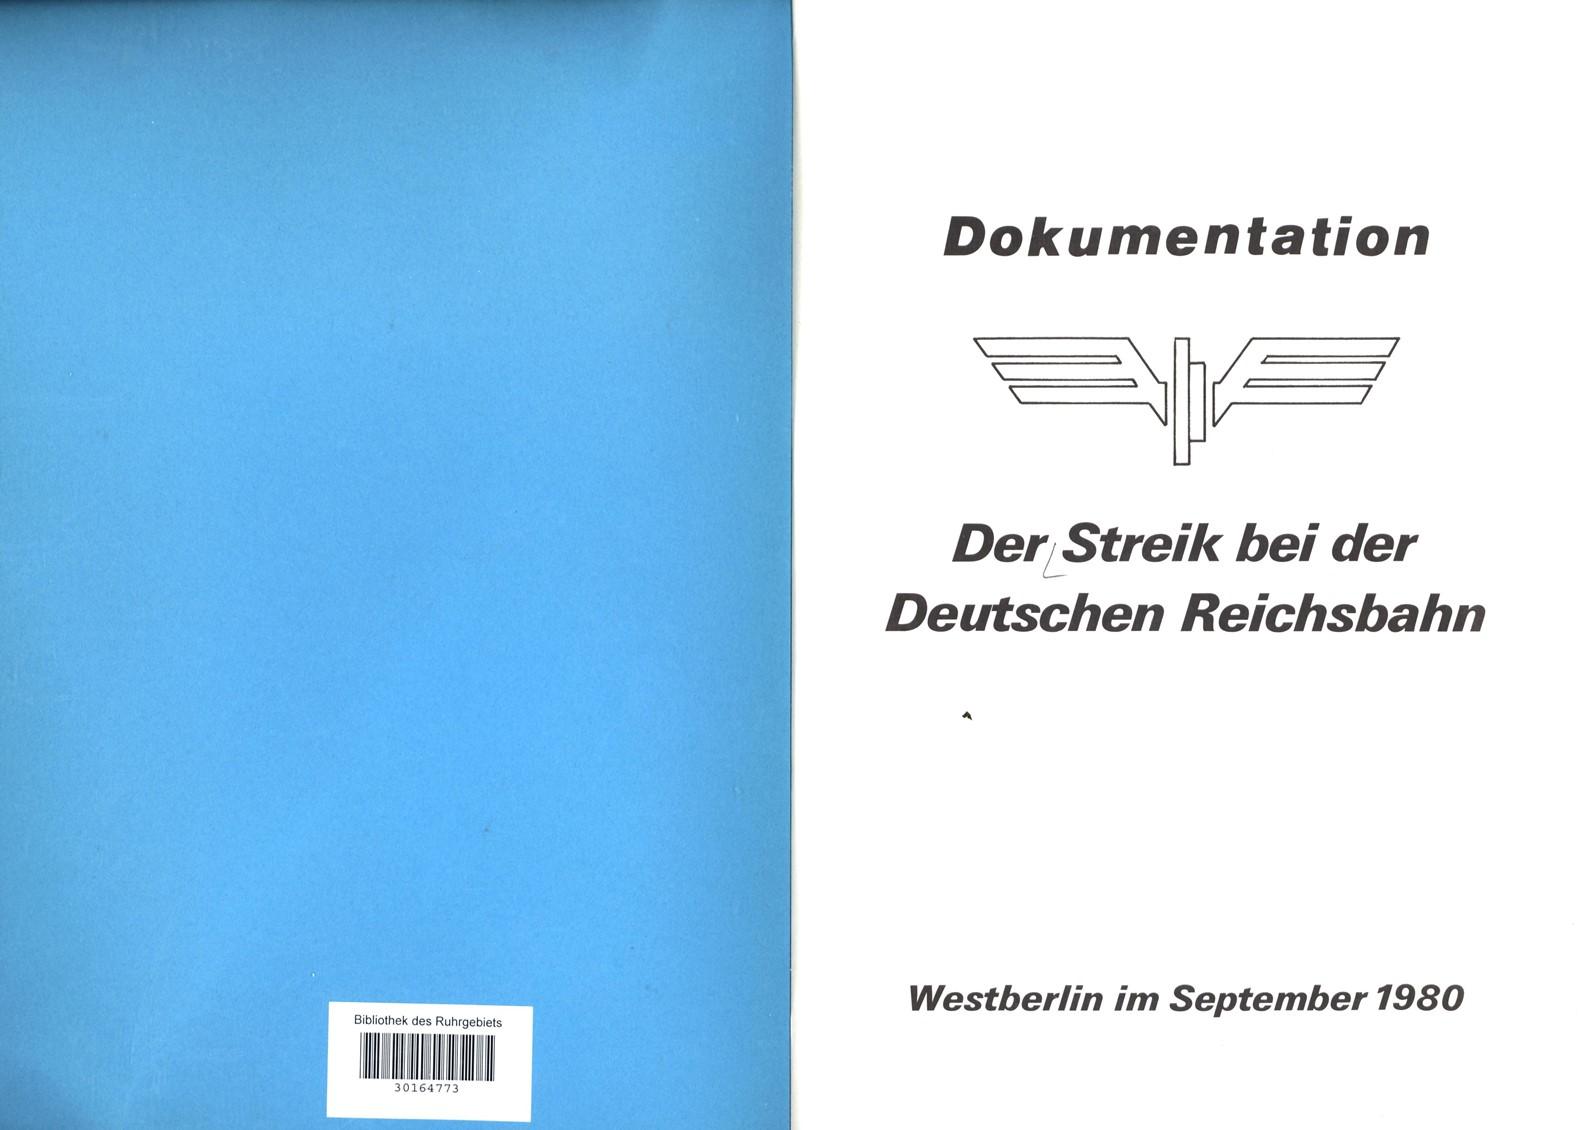 Berlin_Reichsbahnstreik02